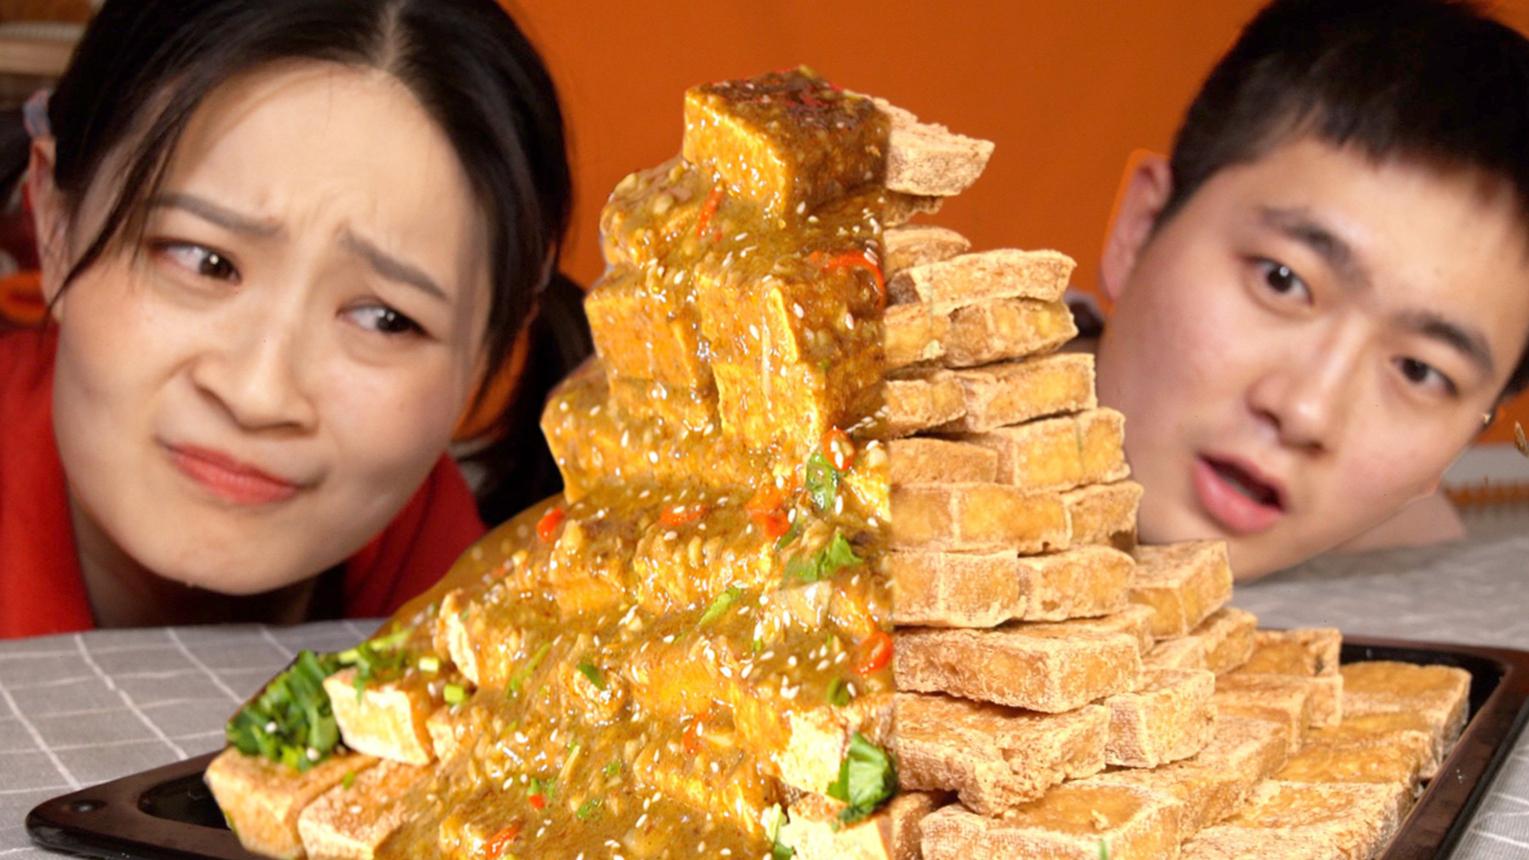 在家做黄金臭豆腐,100块堆成山,直接把室友熏醒了!【盗月社】